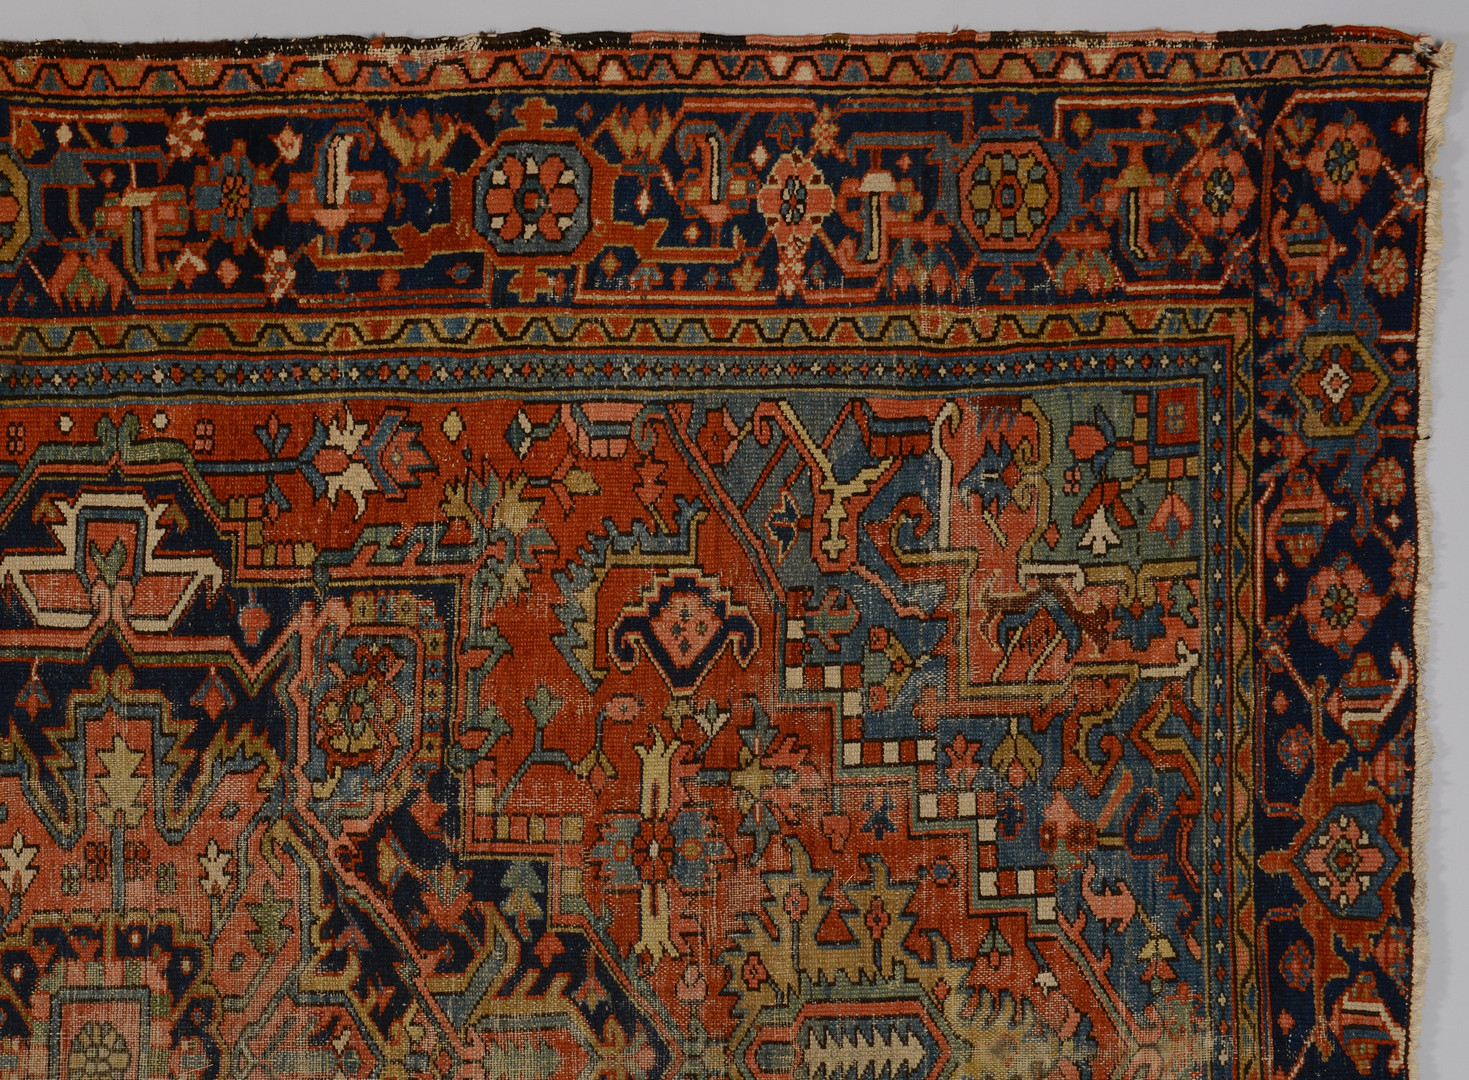 Lot 317: Antique Heriz carpet c.1920